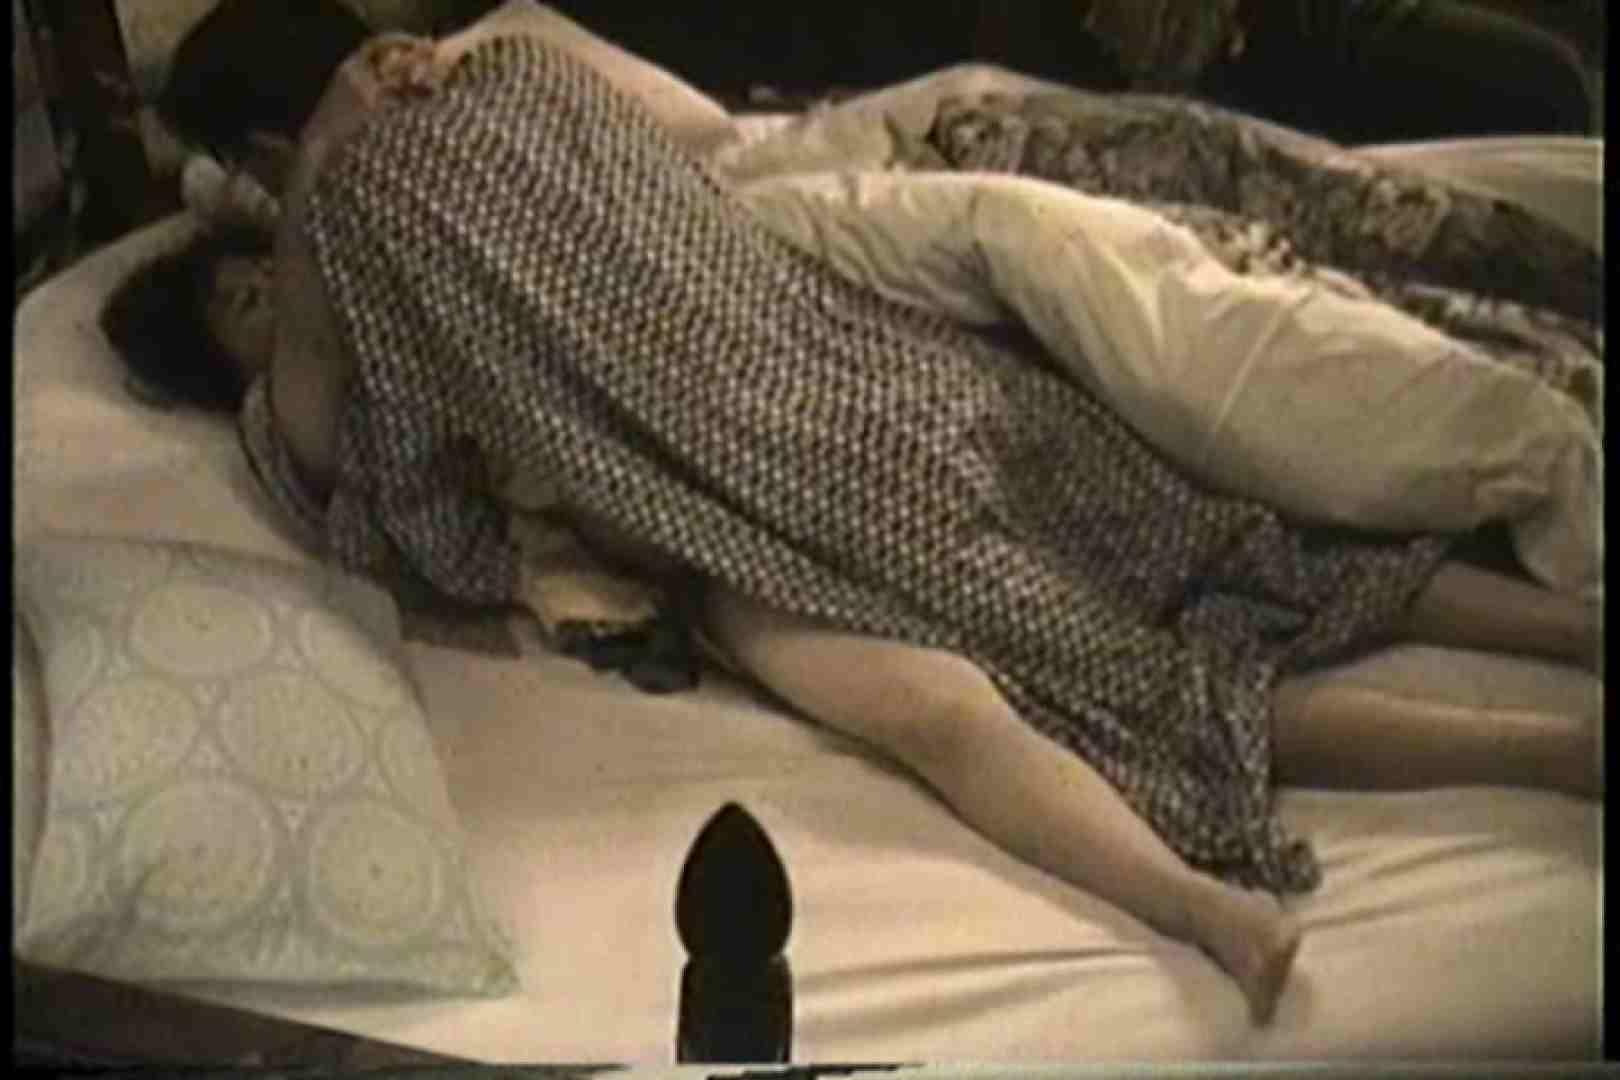 実録!ラブホテル~消し忘れ注意!昭和の色編~ vol.21 熟女丸裸  104pic 14